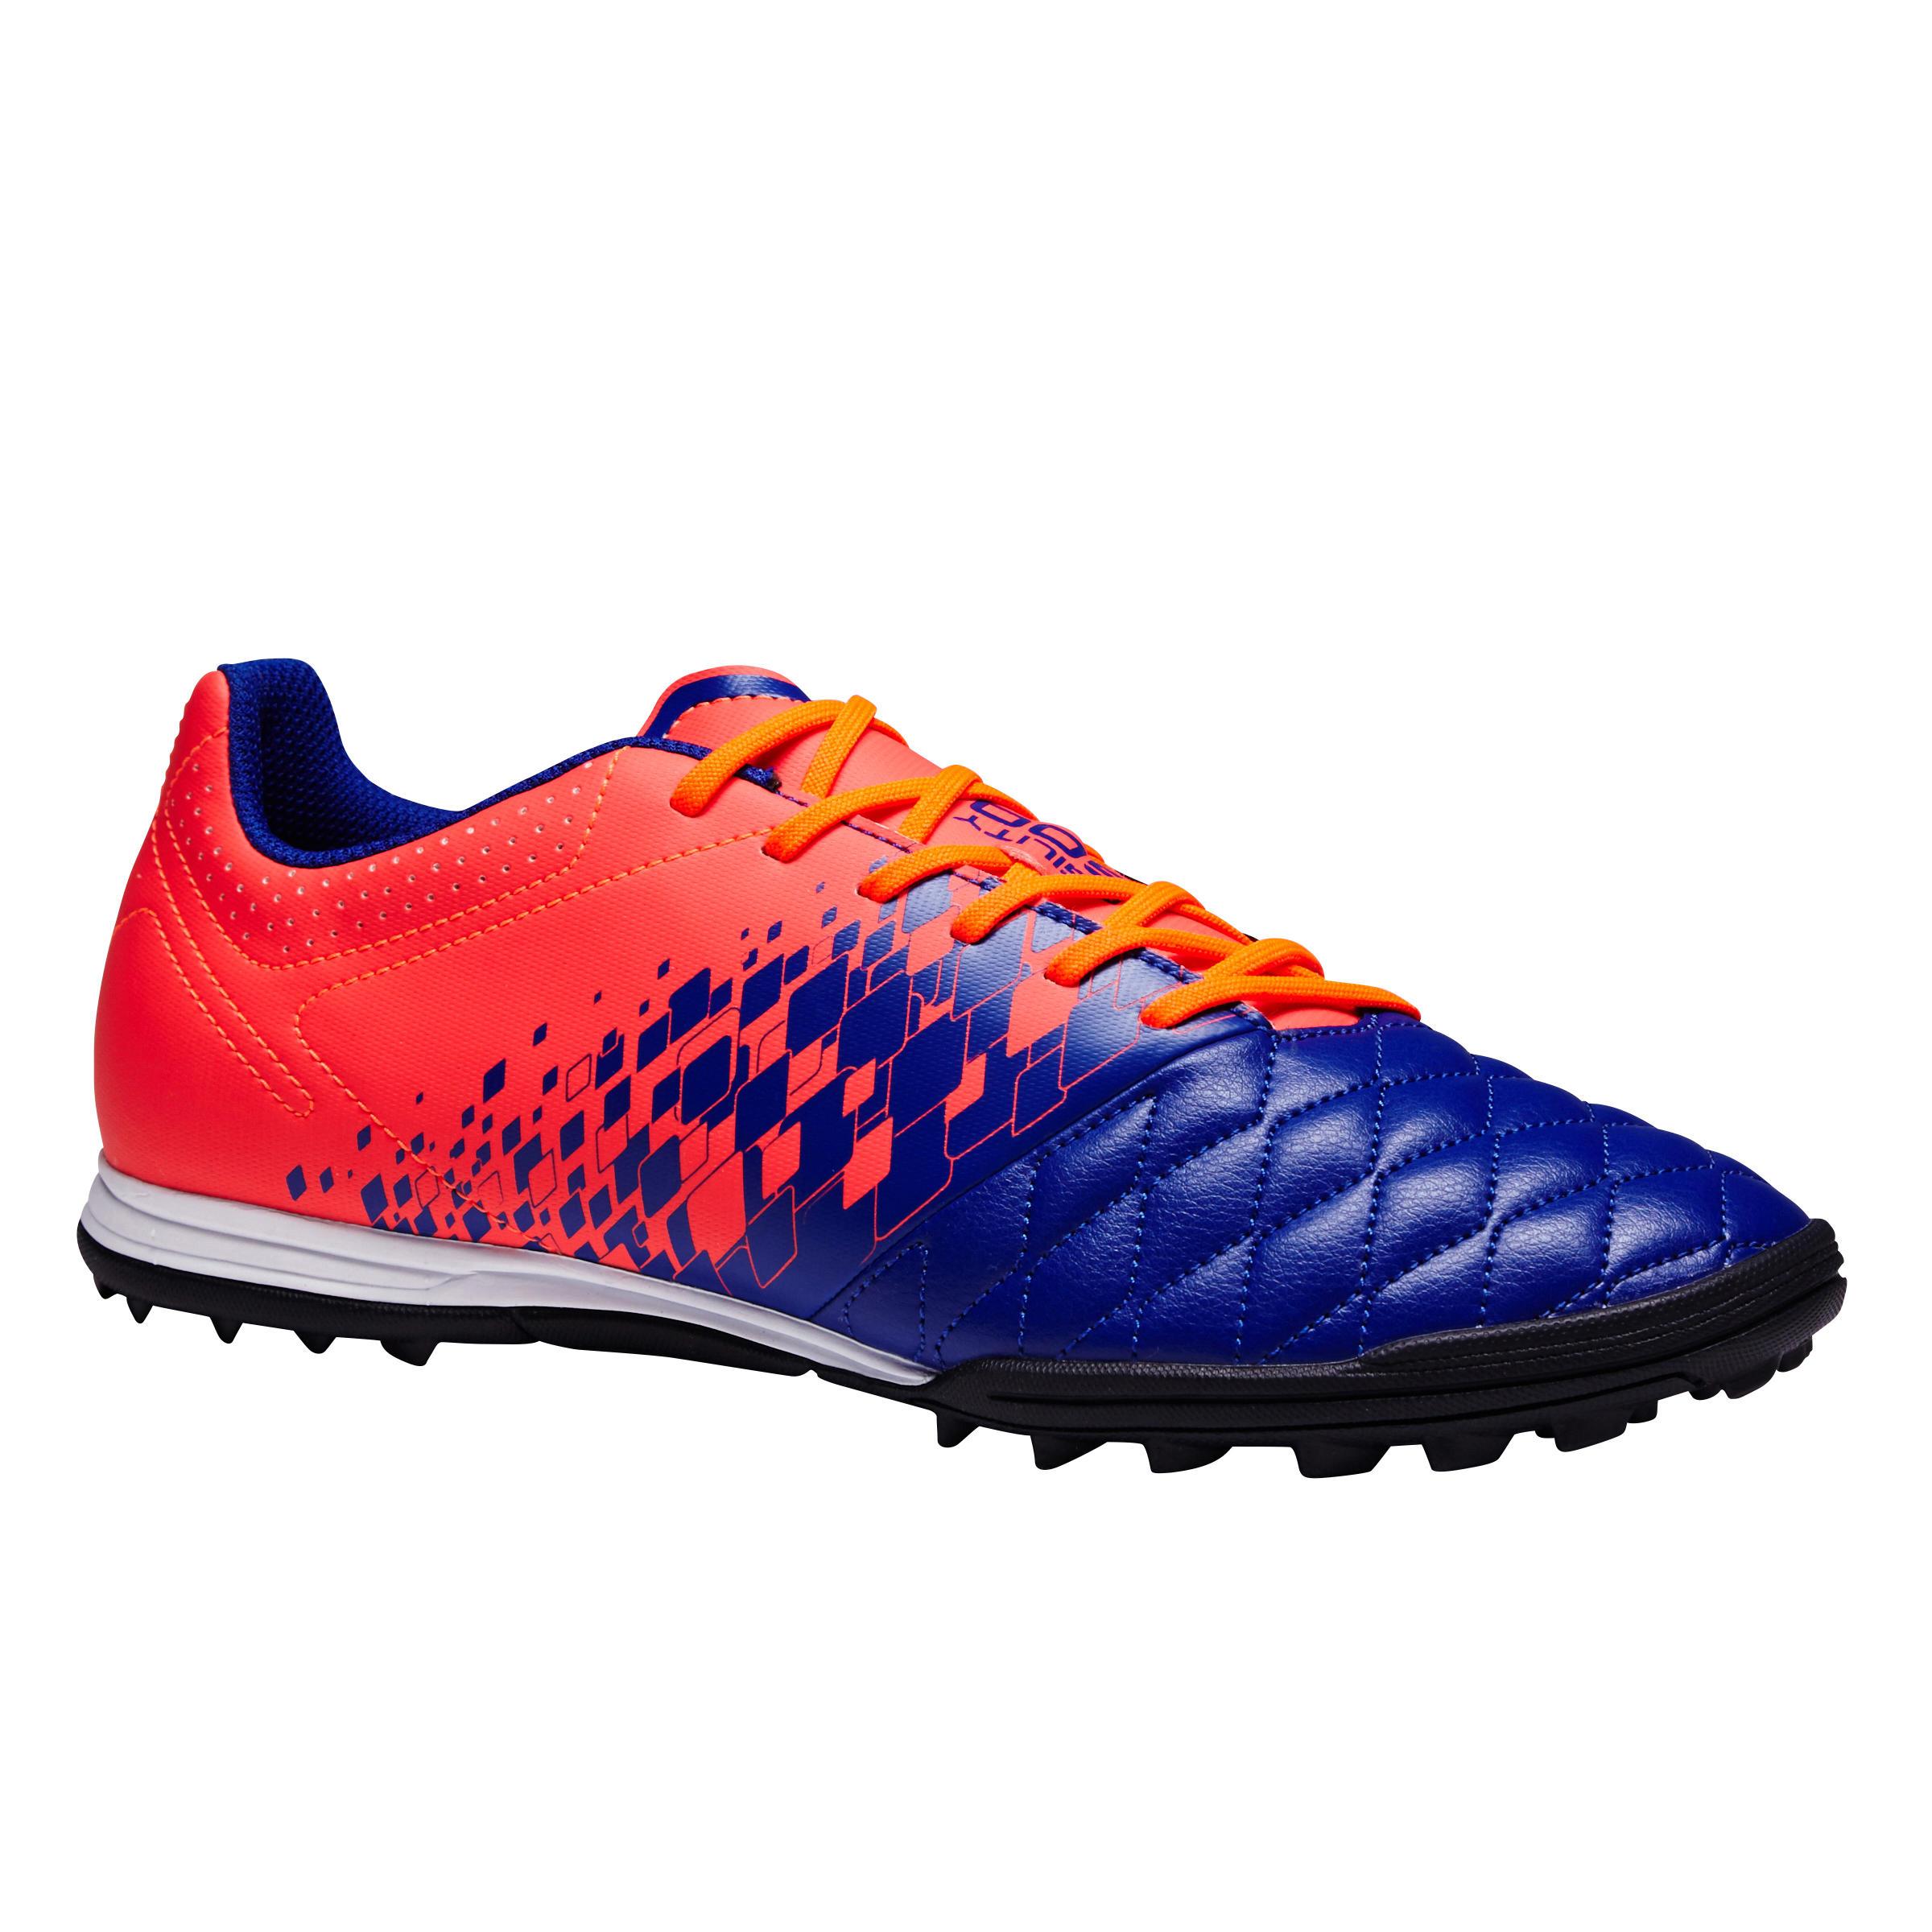 d30d975be3 Comprar Botas de Fútbol Adultos y Zapatillas